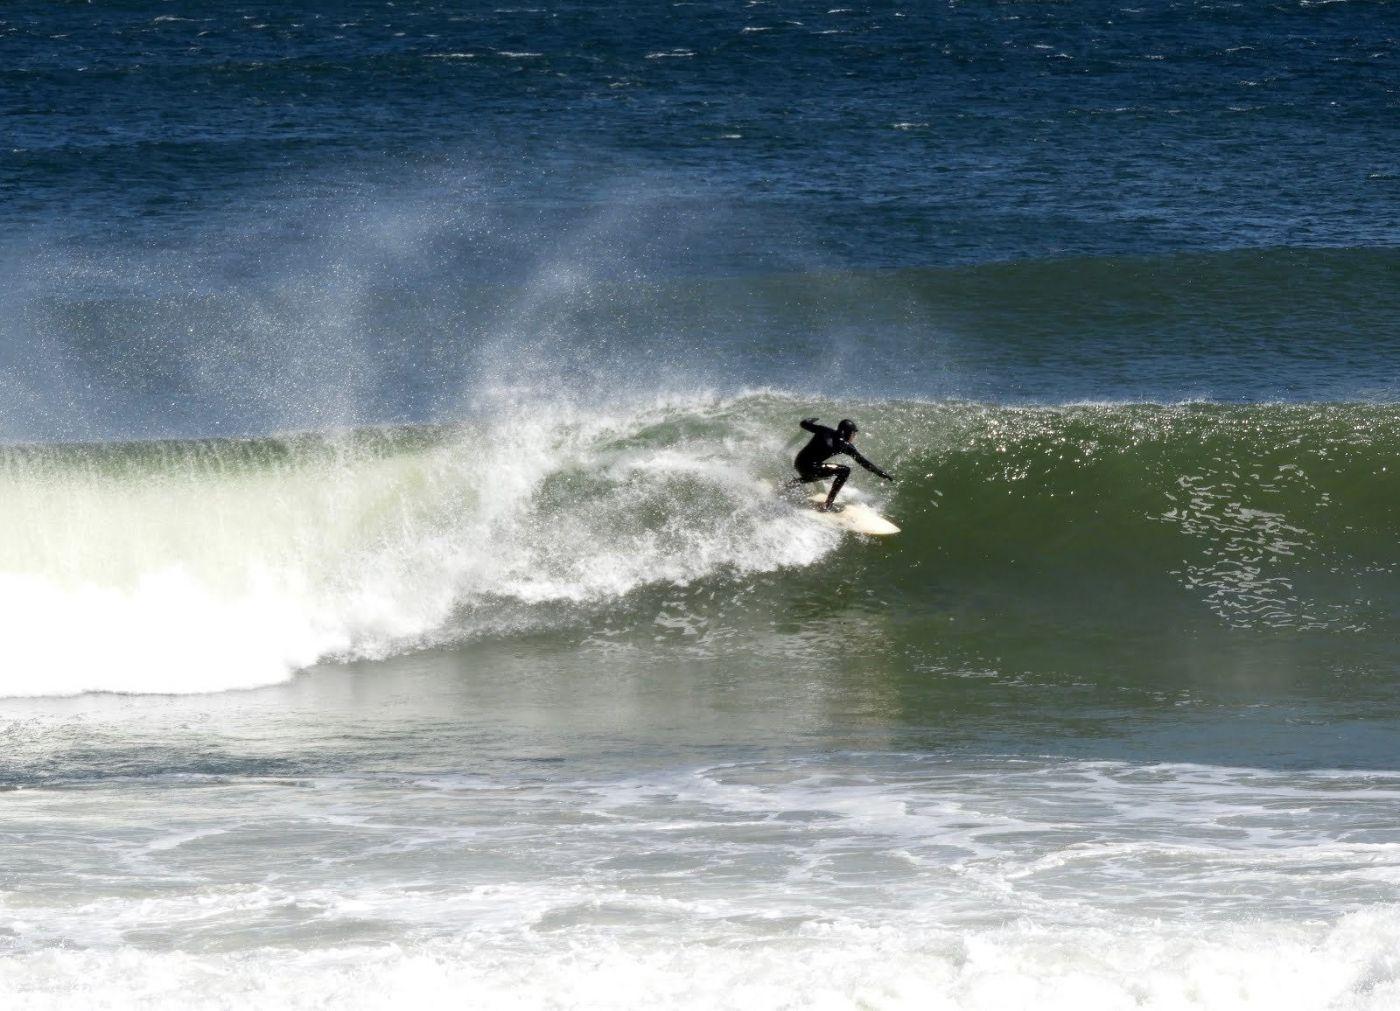 新泽西州冲浪者_图1-8